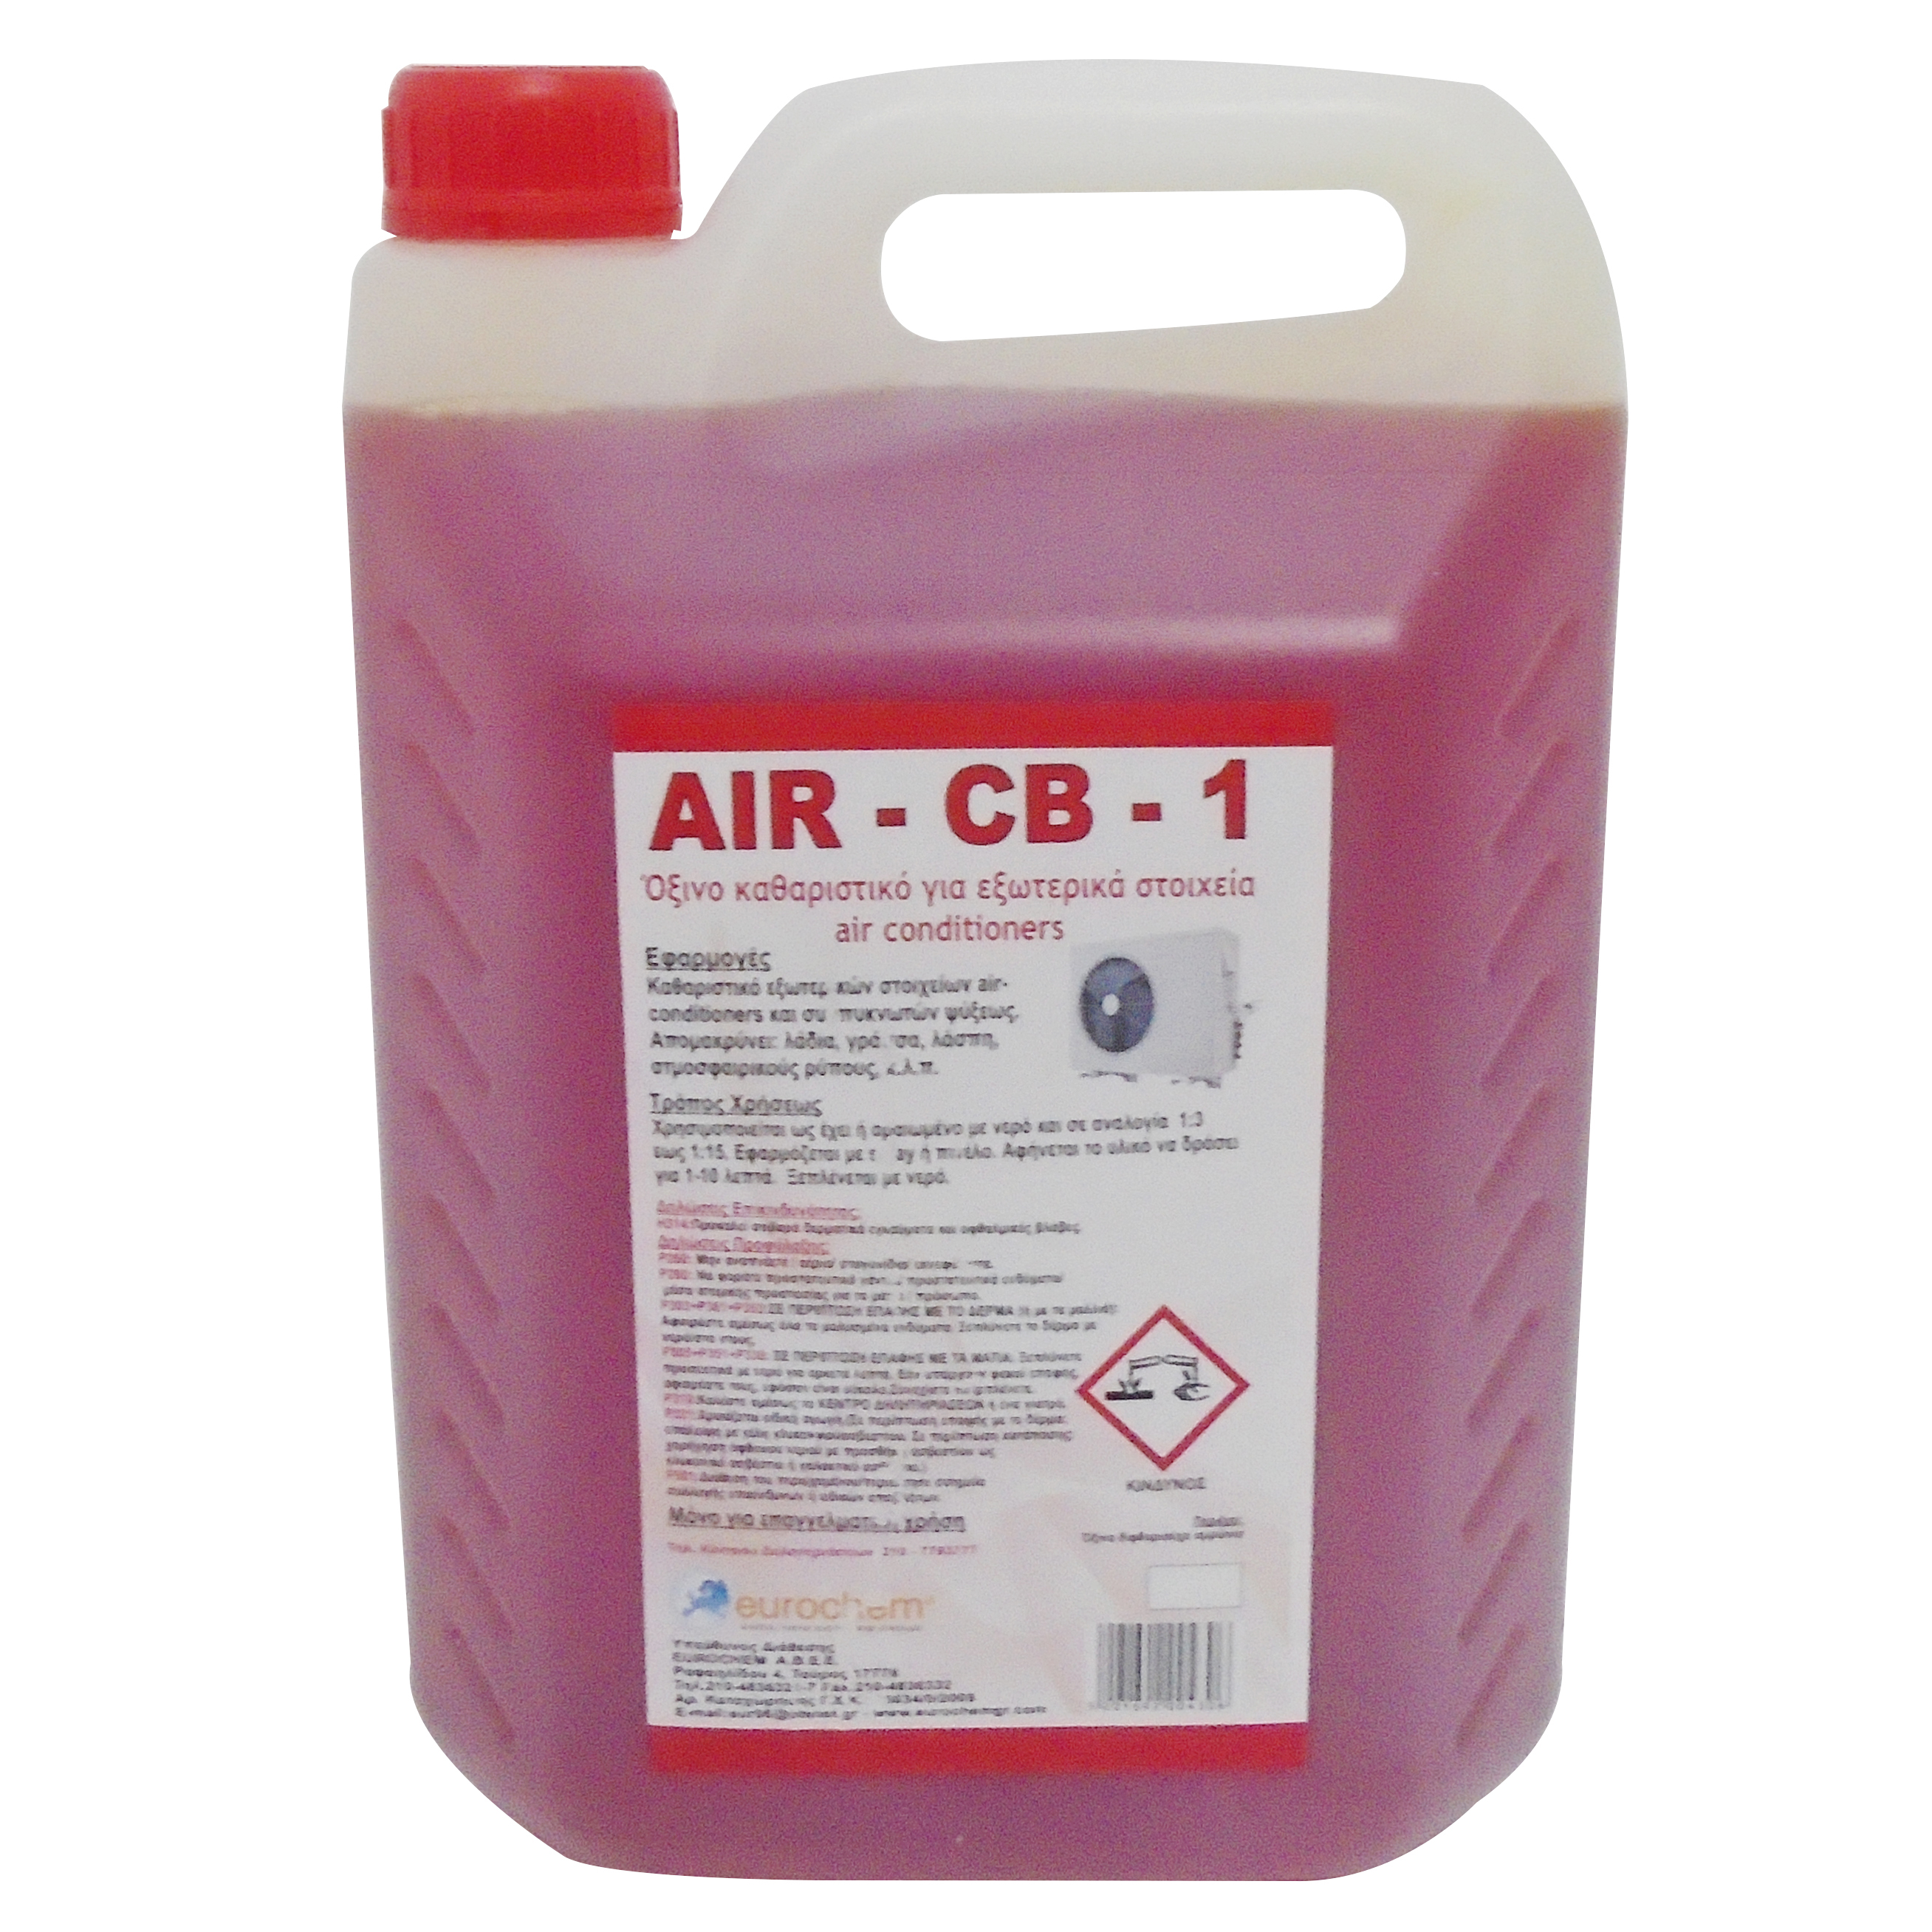 EUROCHEM CB1 (4Lit) Καθαριστικά Κλιματιστικών Εξωτερικής Χρήσης κλιματισμός    καθαριστικά κλιματιστικών a c